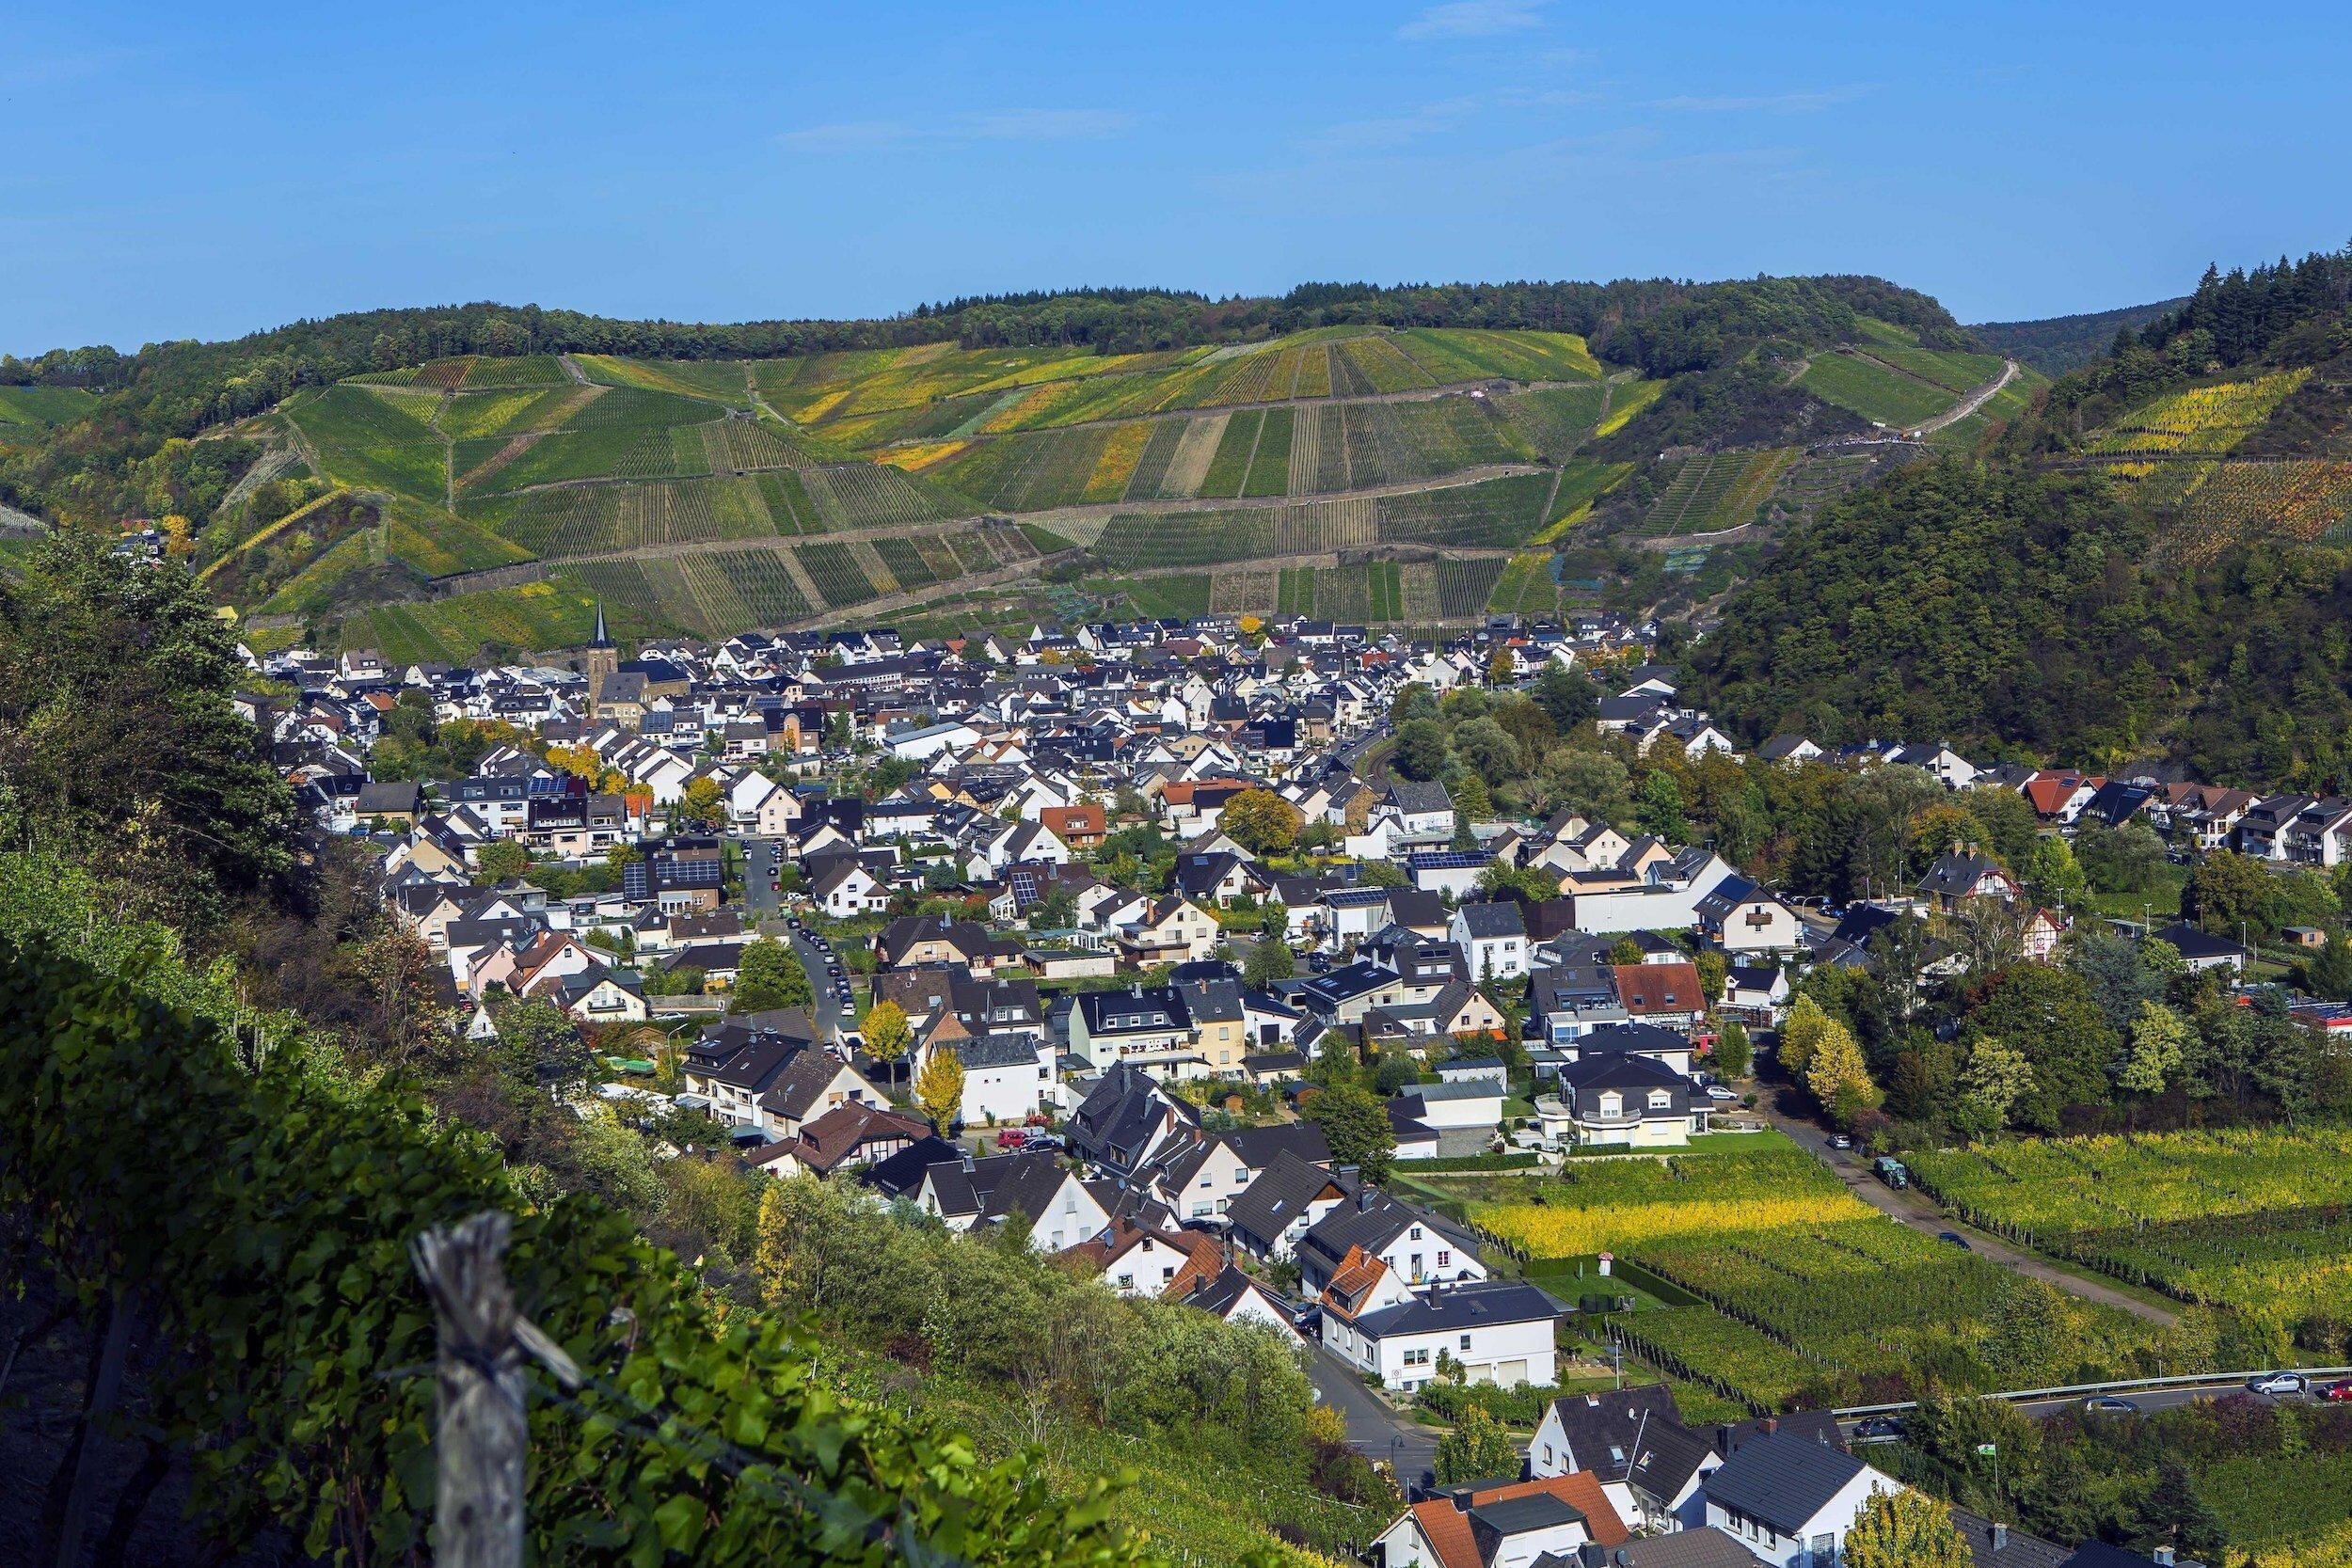 Die Ortschaft liegt dicht gedrängt im engen Tal, umgeben von Weinbergen.